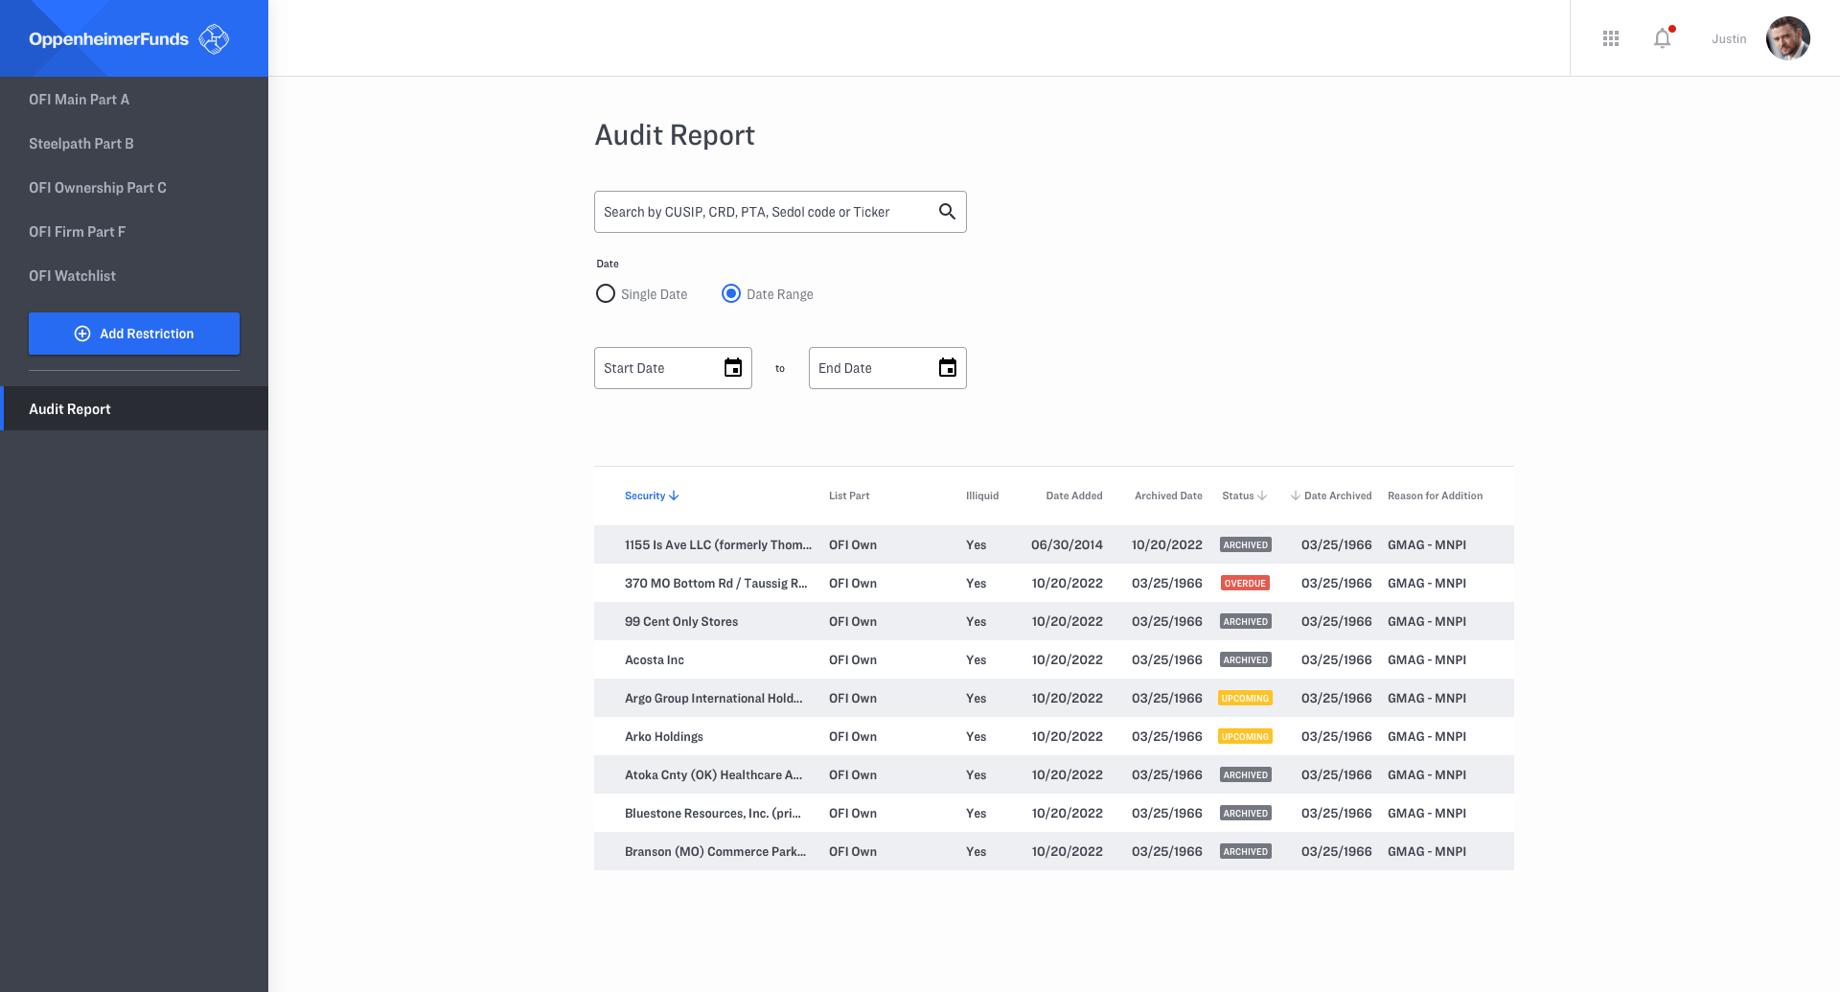 op_auditsearch